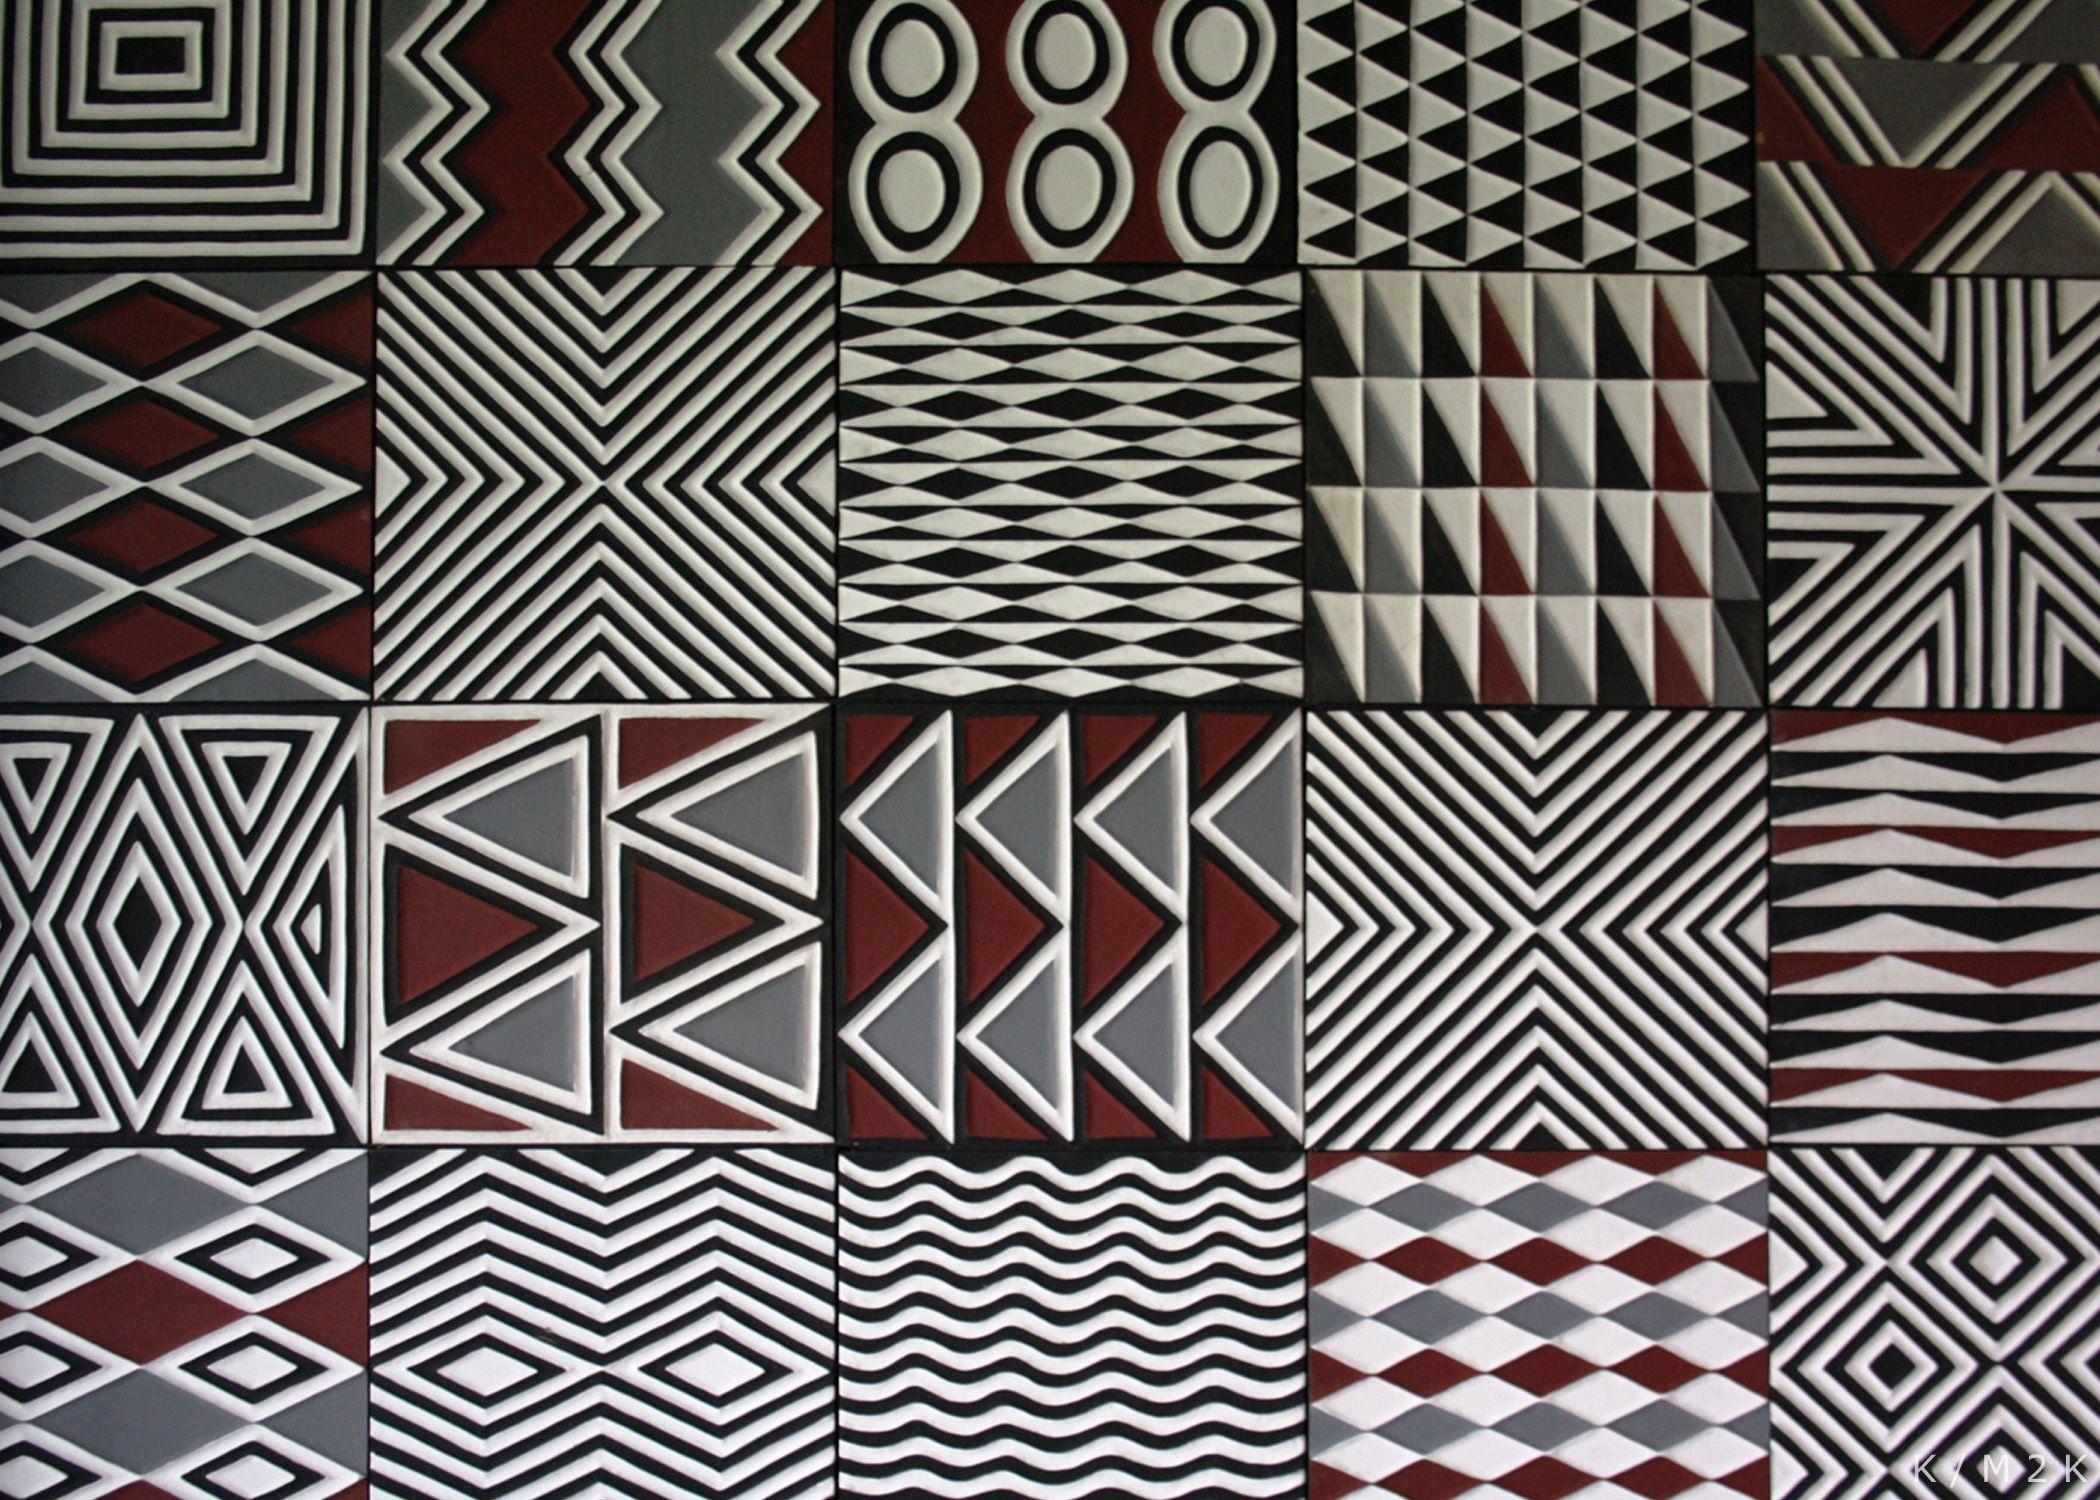 Imigongo patterns as inspiration web}